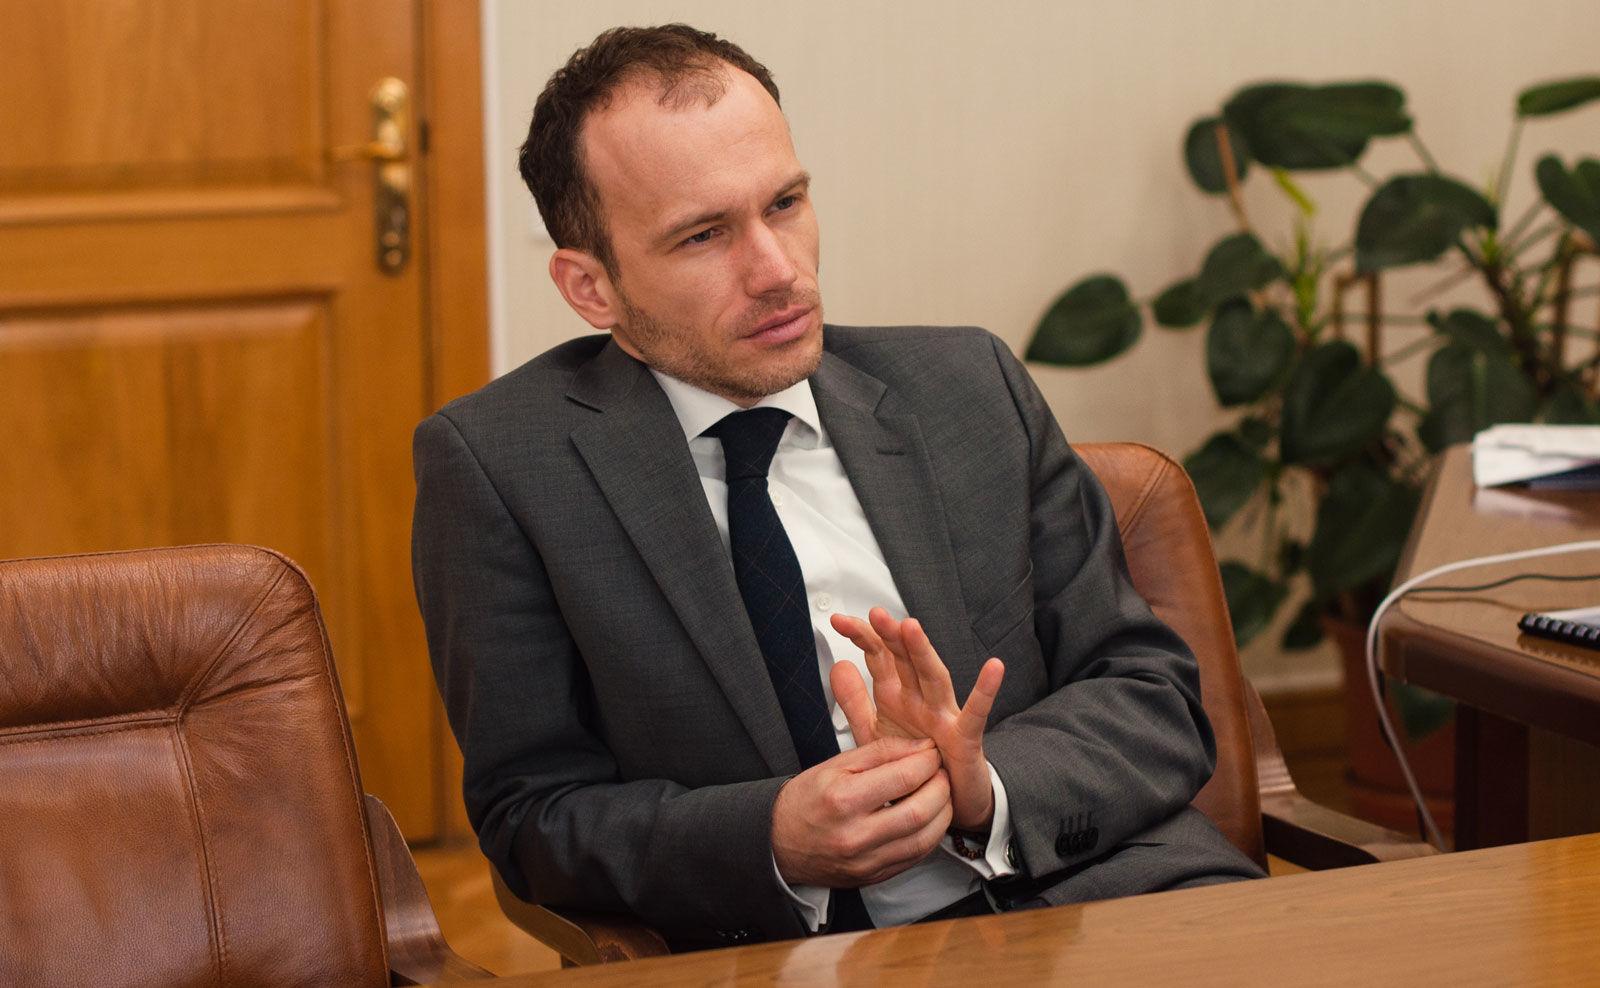 Министр Малюська рассказал, как олигархам избежать попадания в реестр